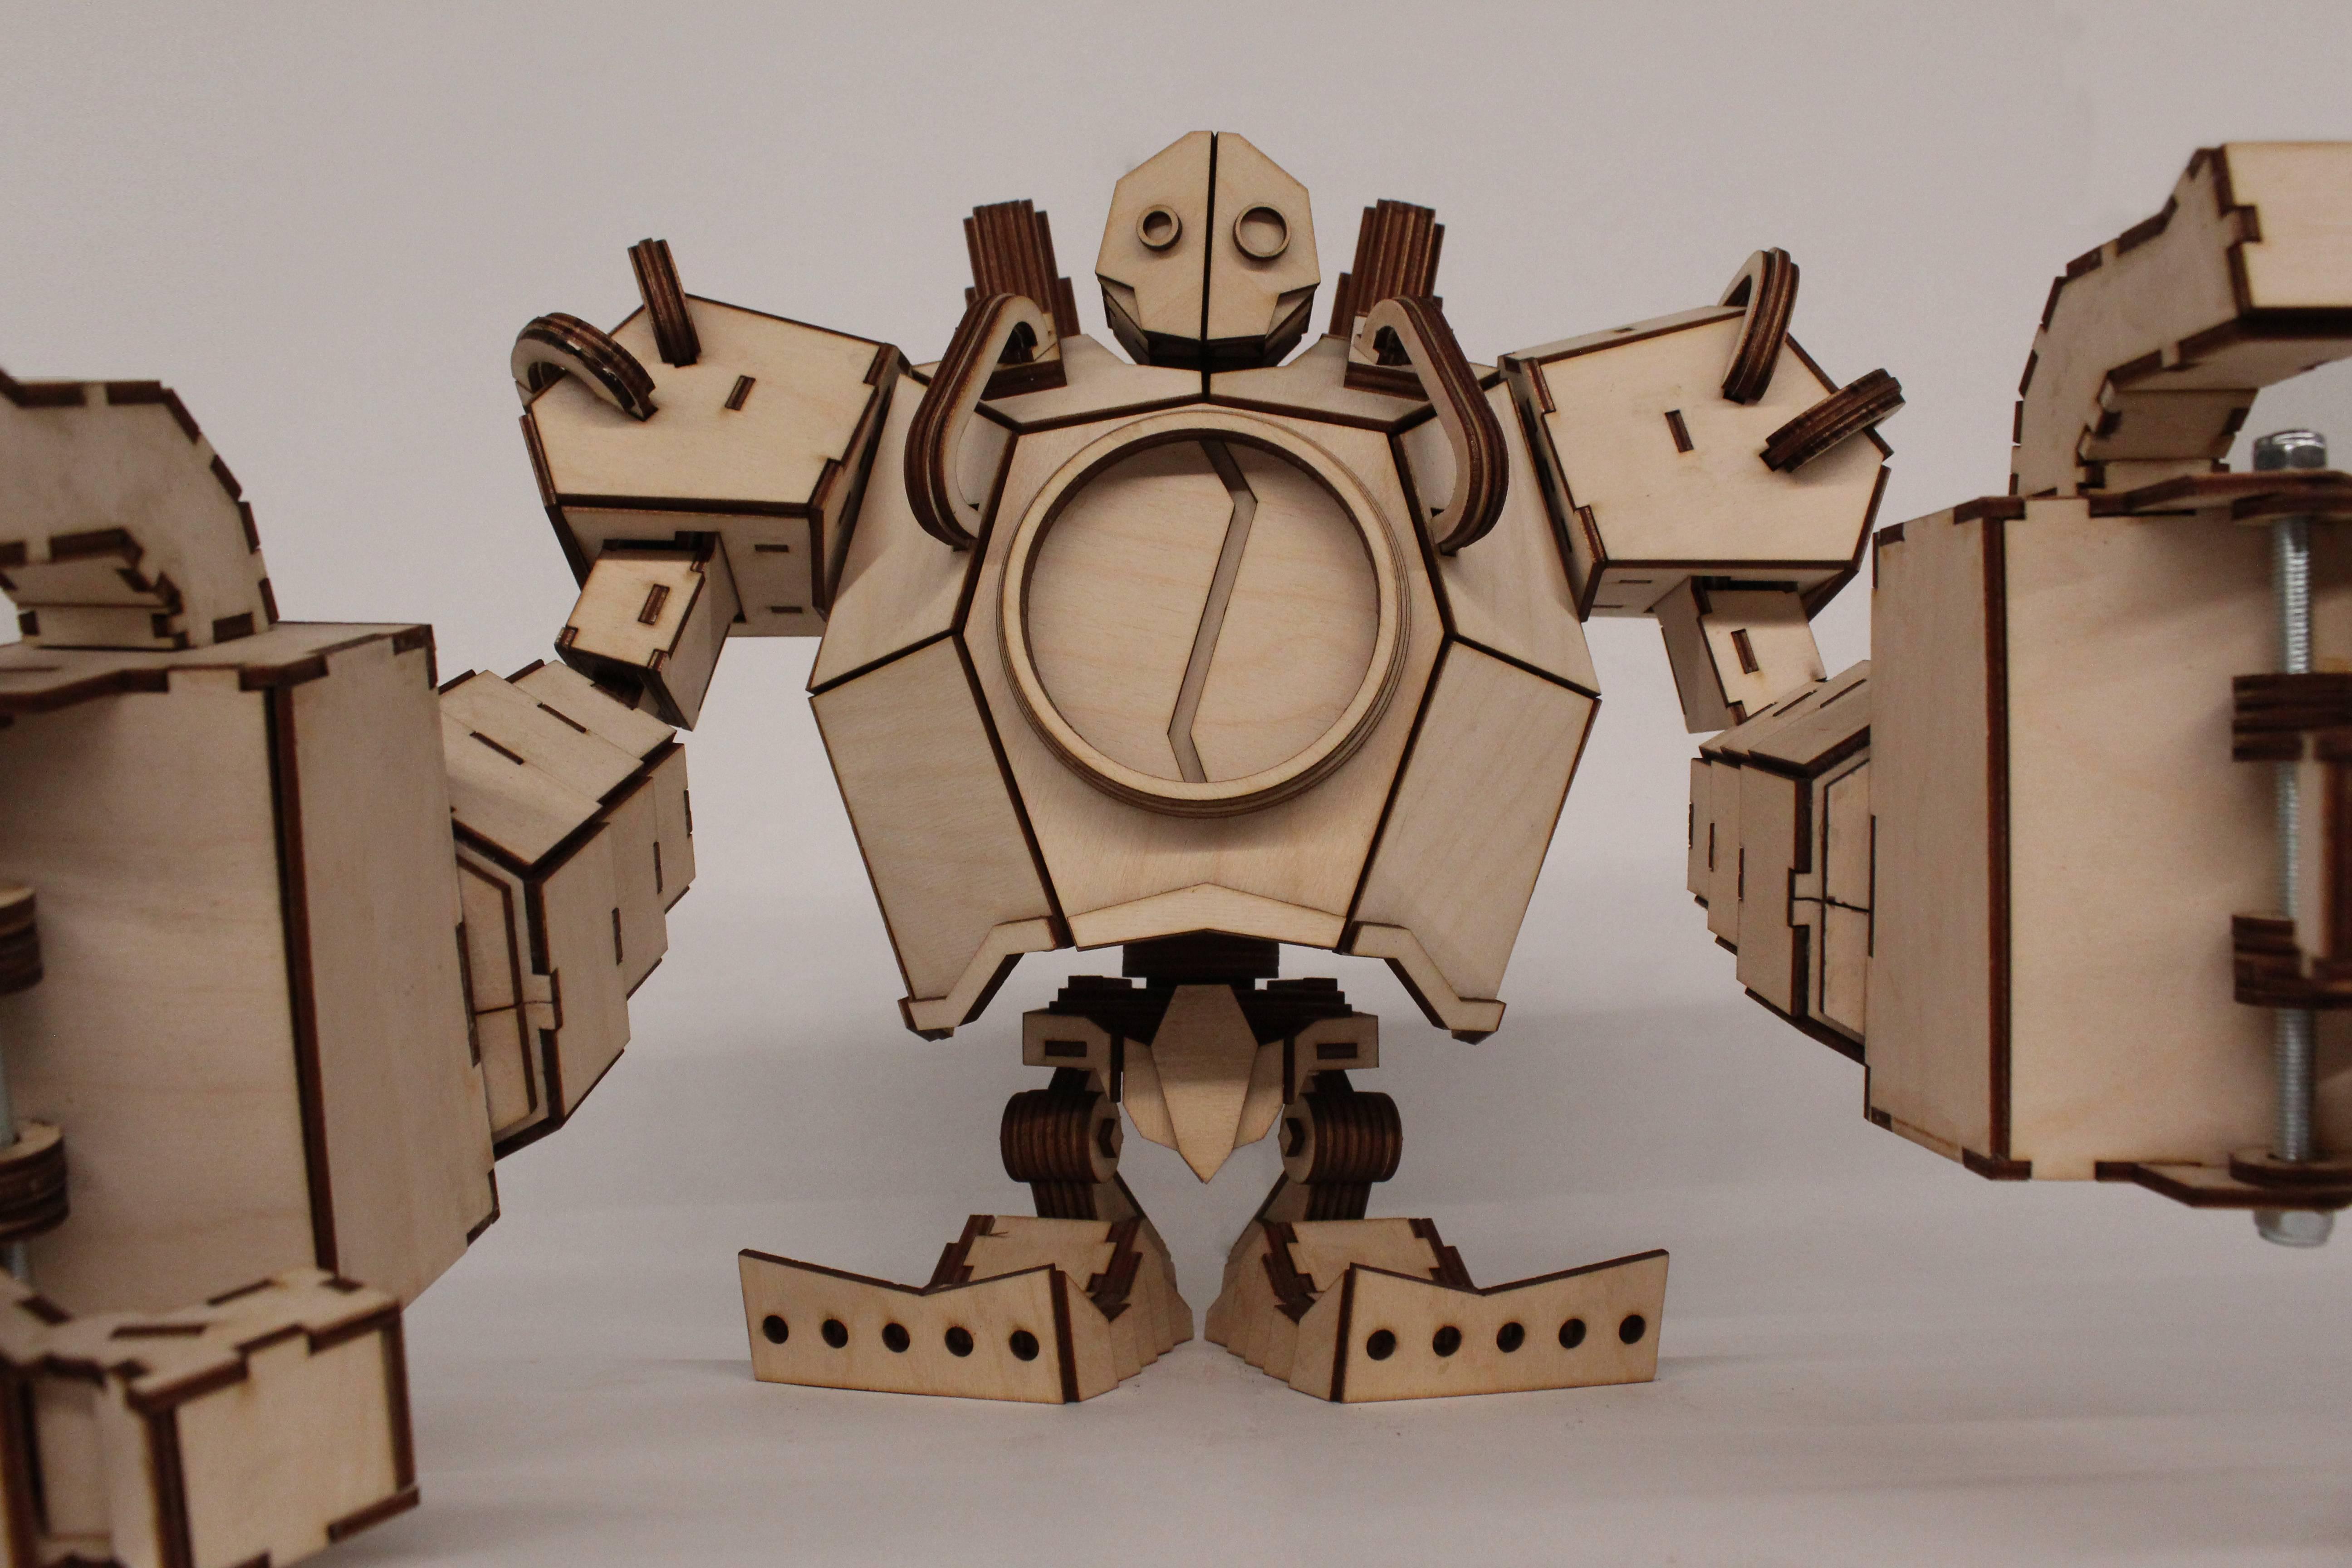 League of Legends fan builds detailed Wooden Blitzcrank